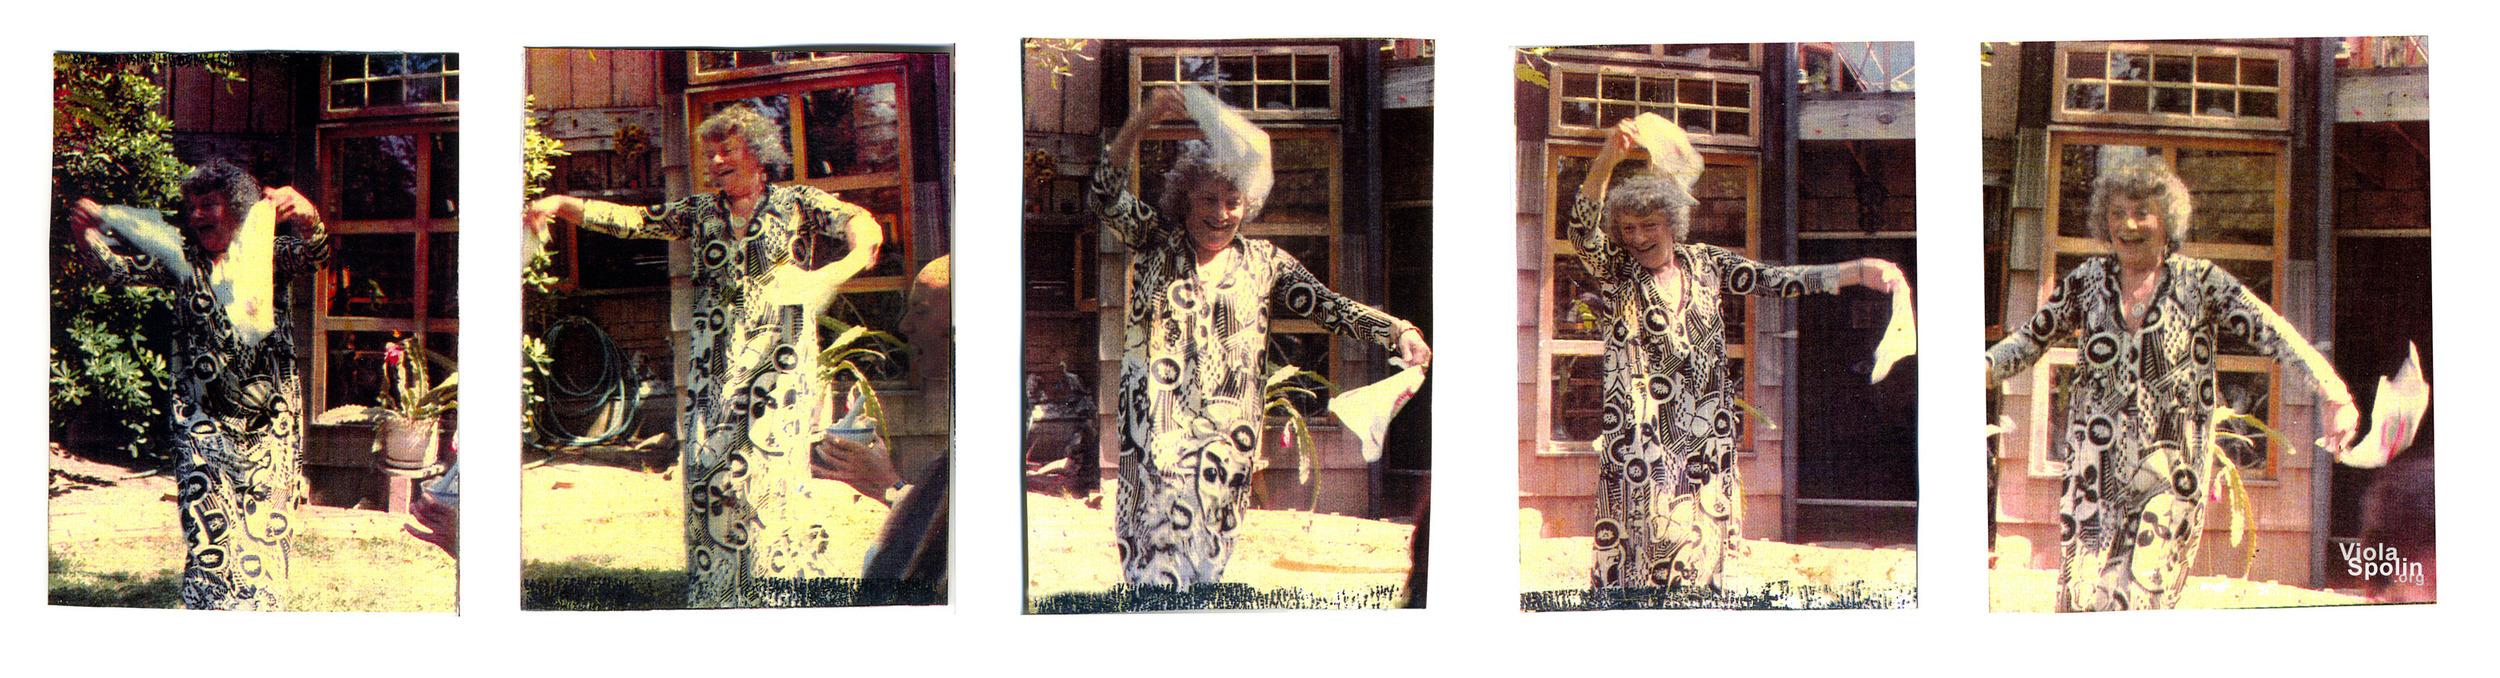 Viola Spolin, Mother of Improvisation